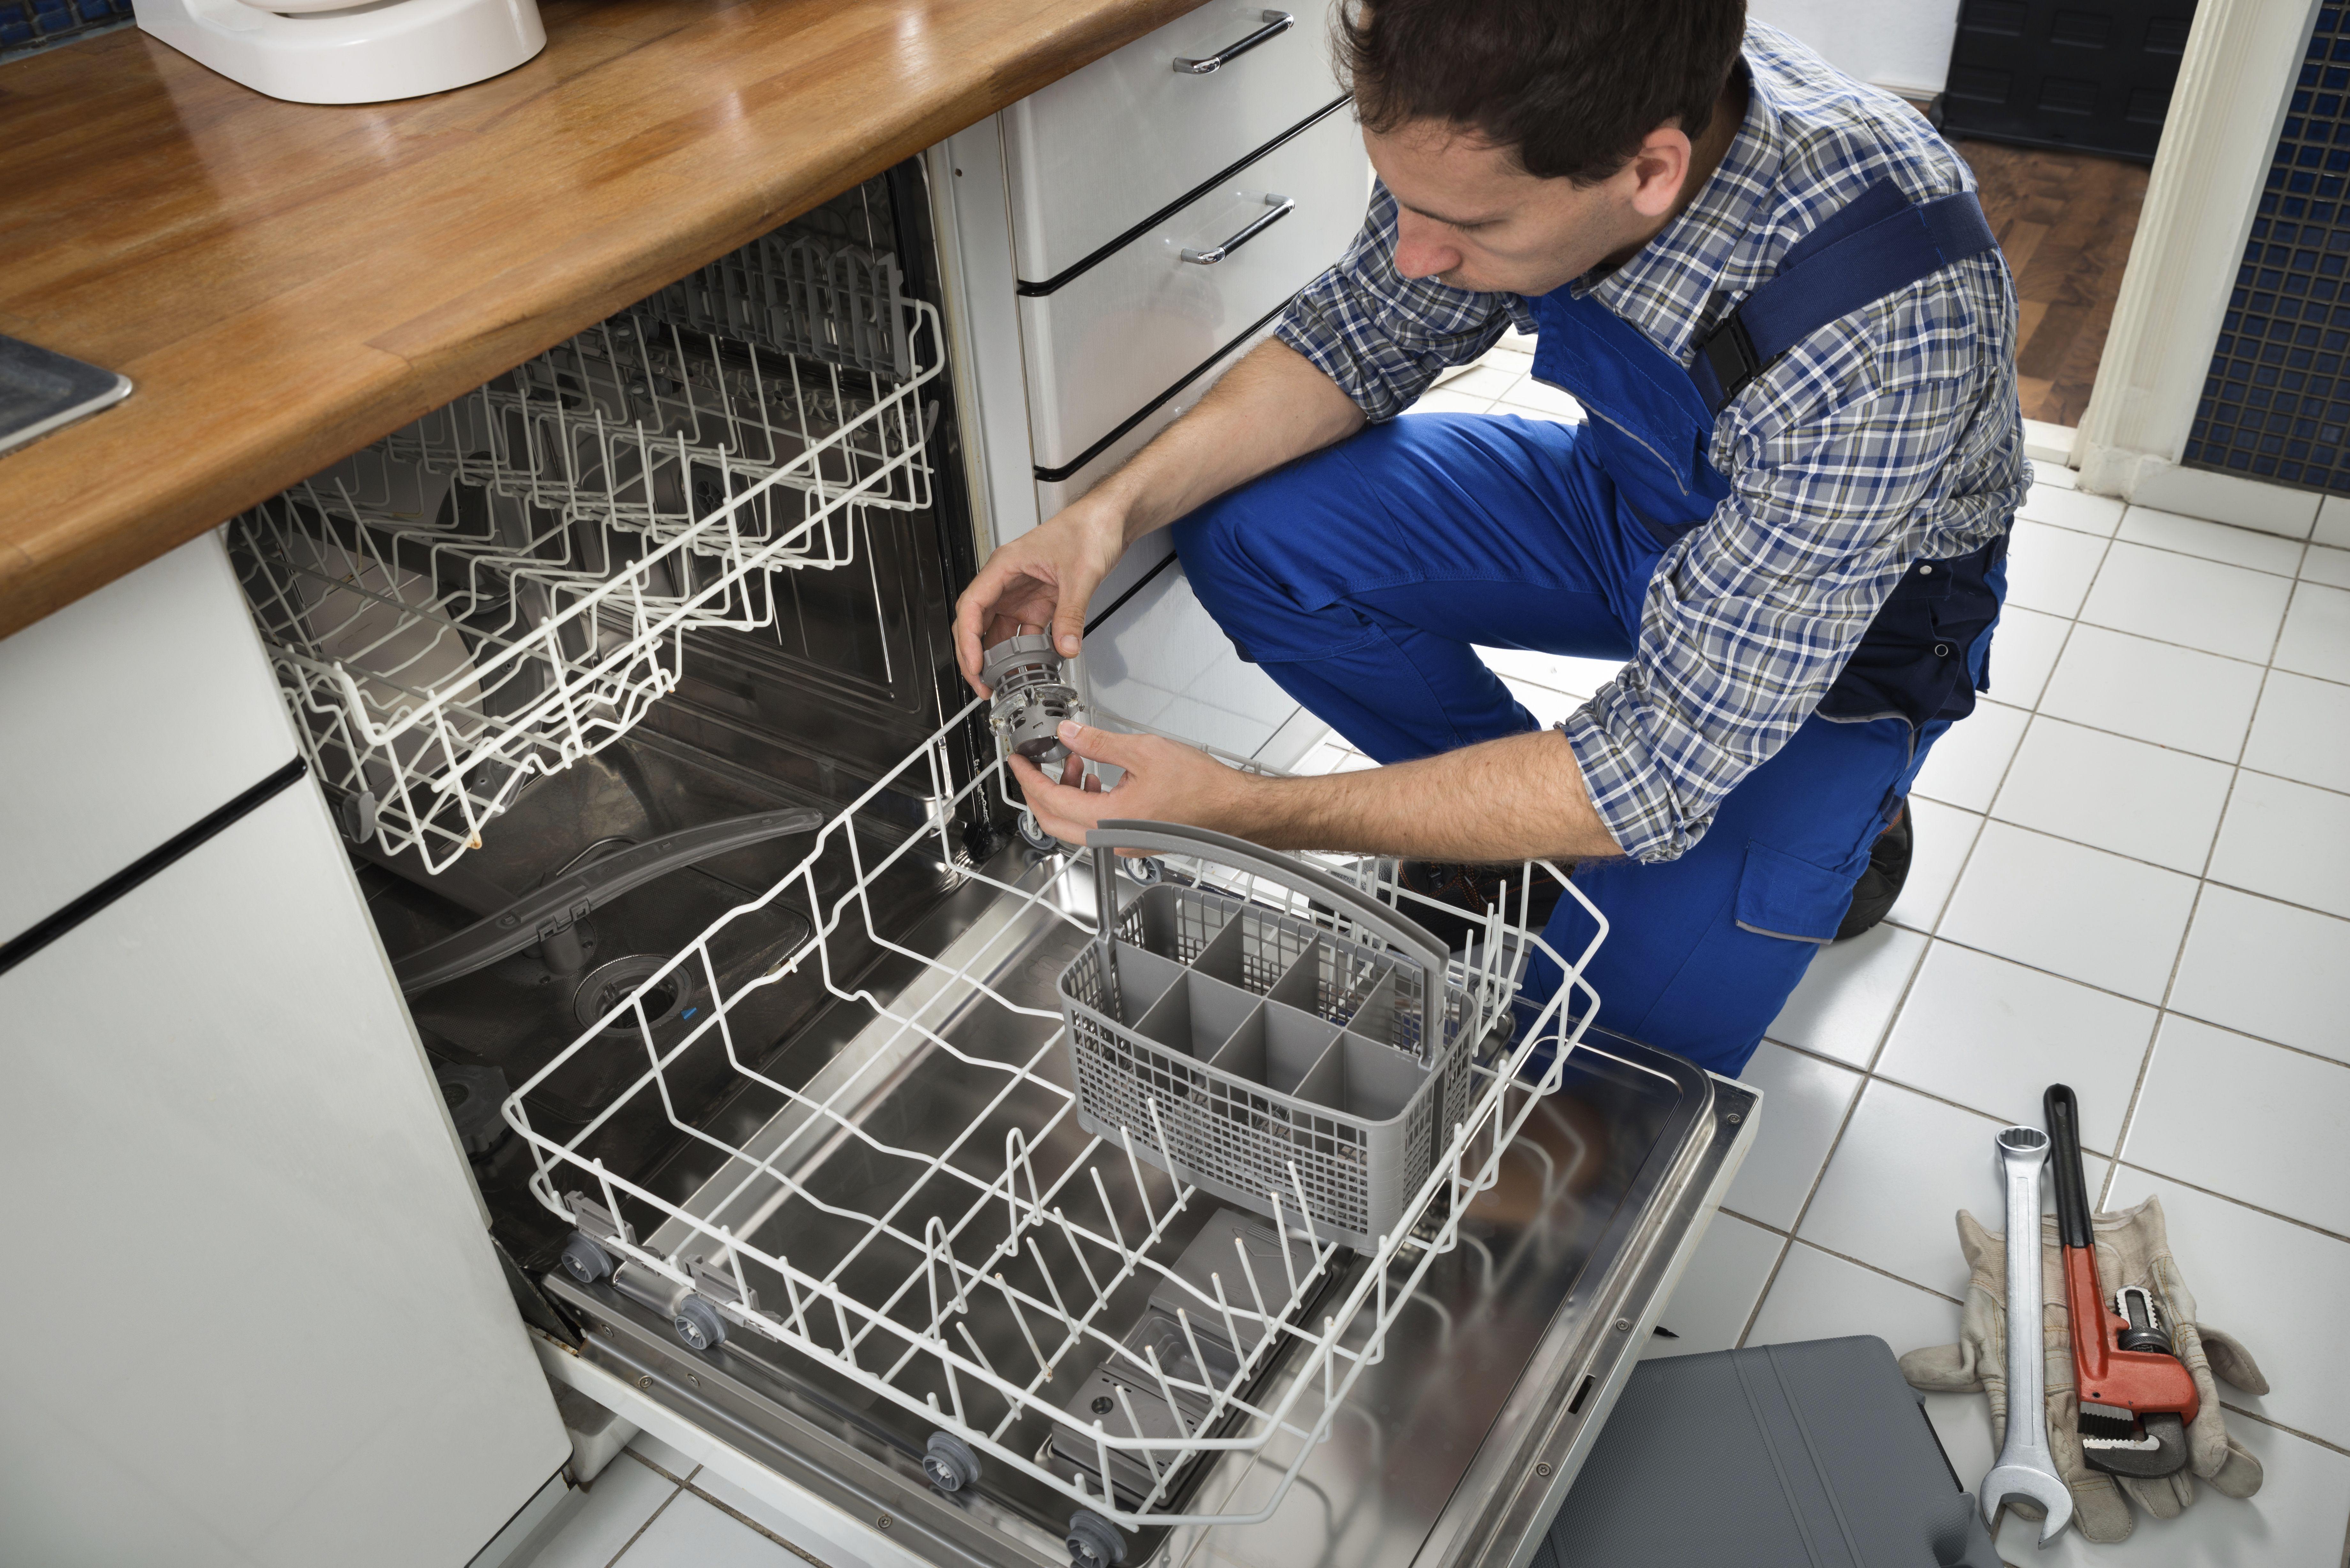 Reparación de electrodomésticos en Sant Quirze del Valles